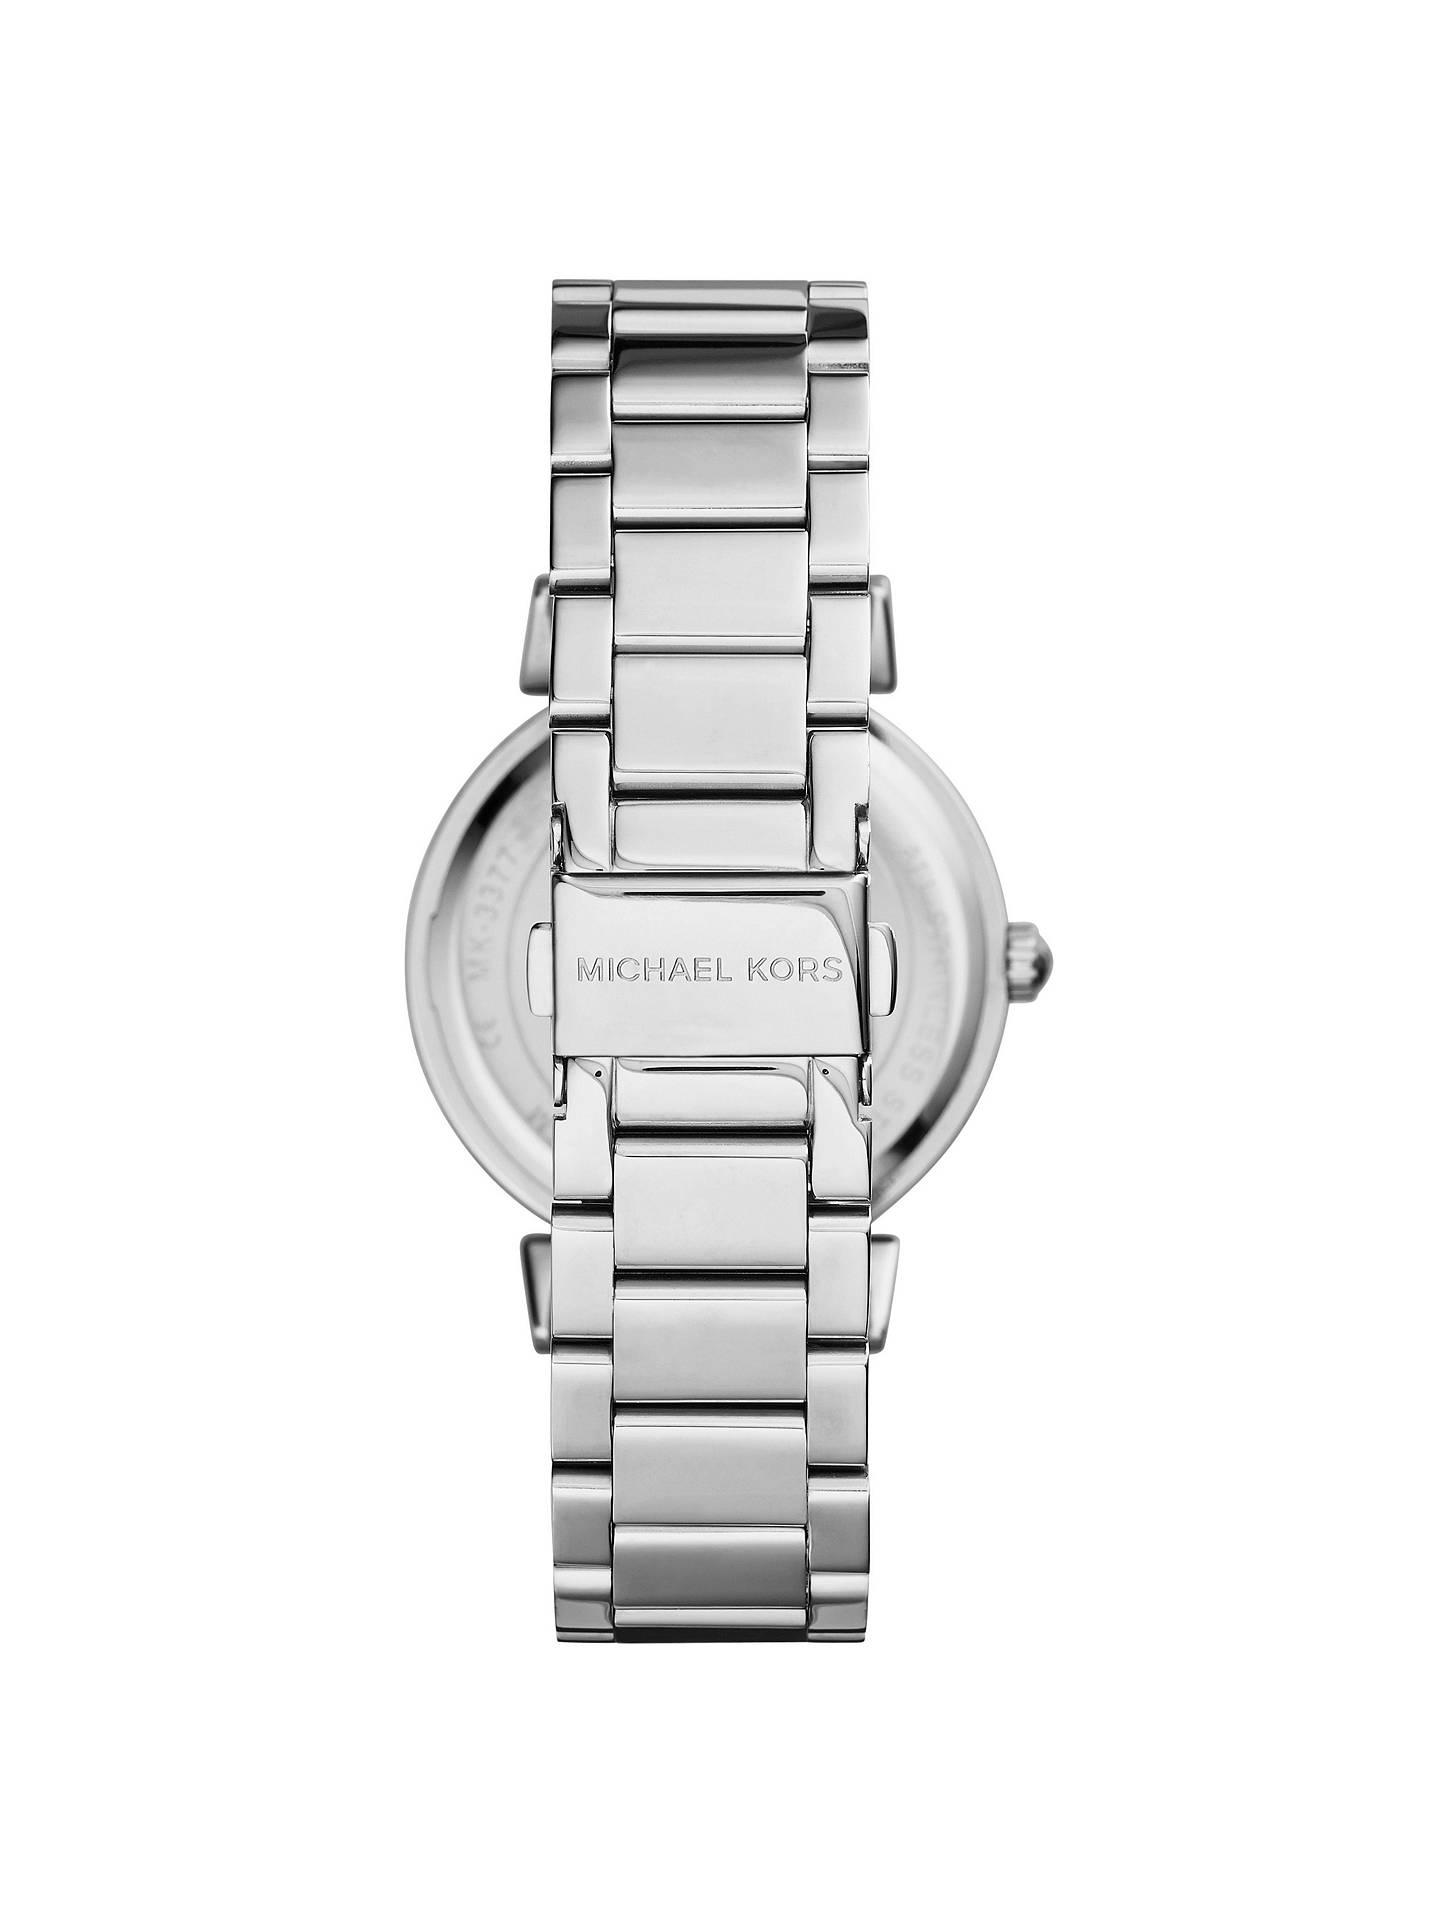 857a5d0e28c0 ... Buy Michael Kors MK3355 Women s Catlin Bracelet Strap Watch